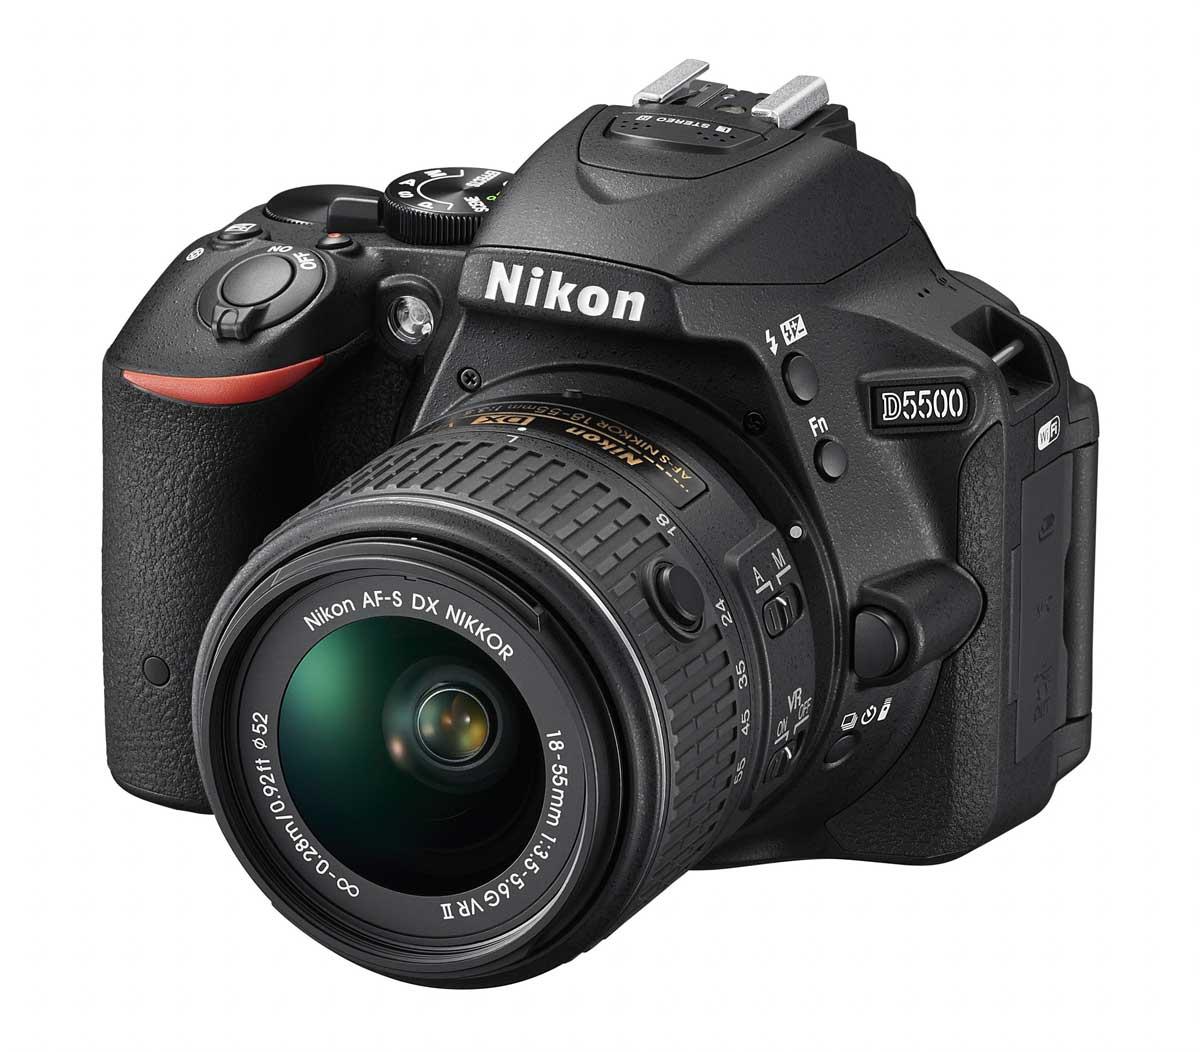 Új Nikon tükörreflexes: Nikon D5500 digitális fényképezőgép